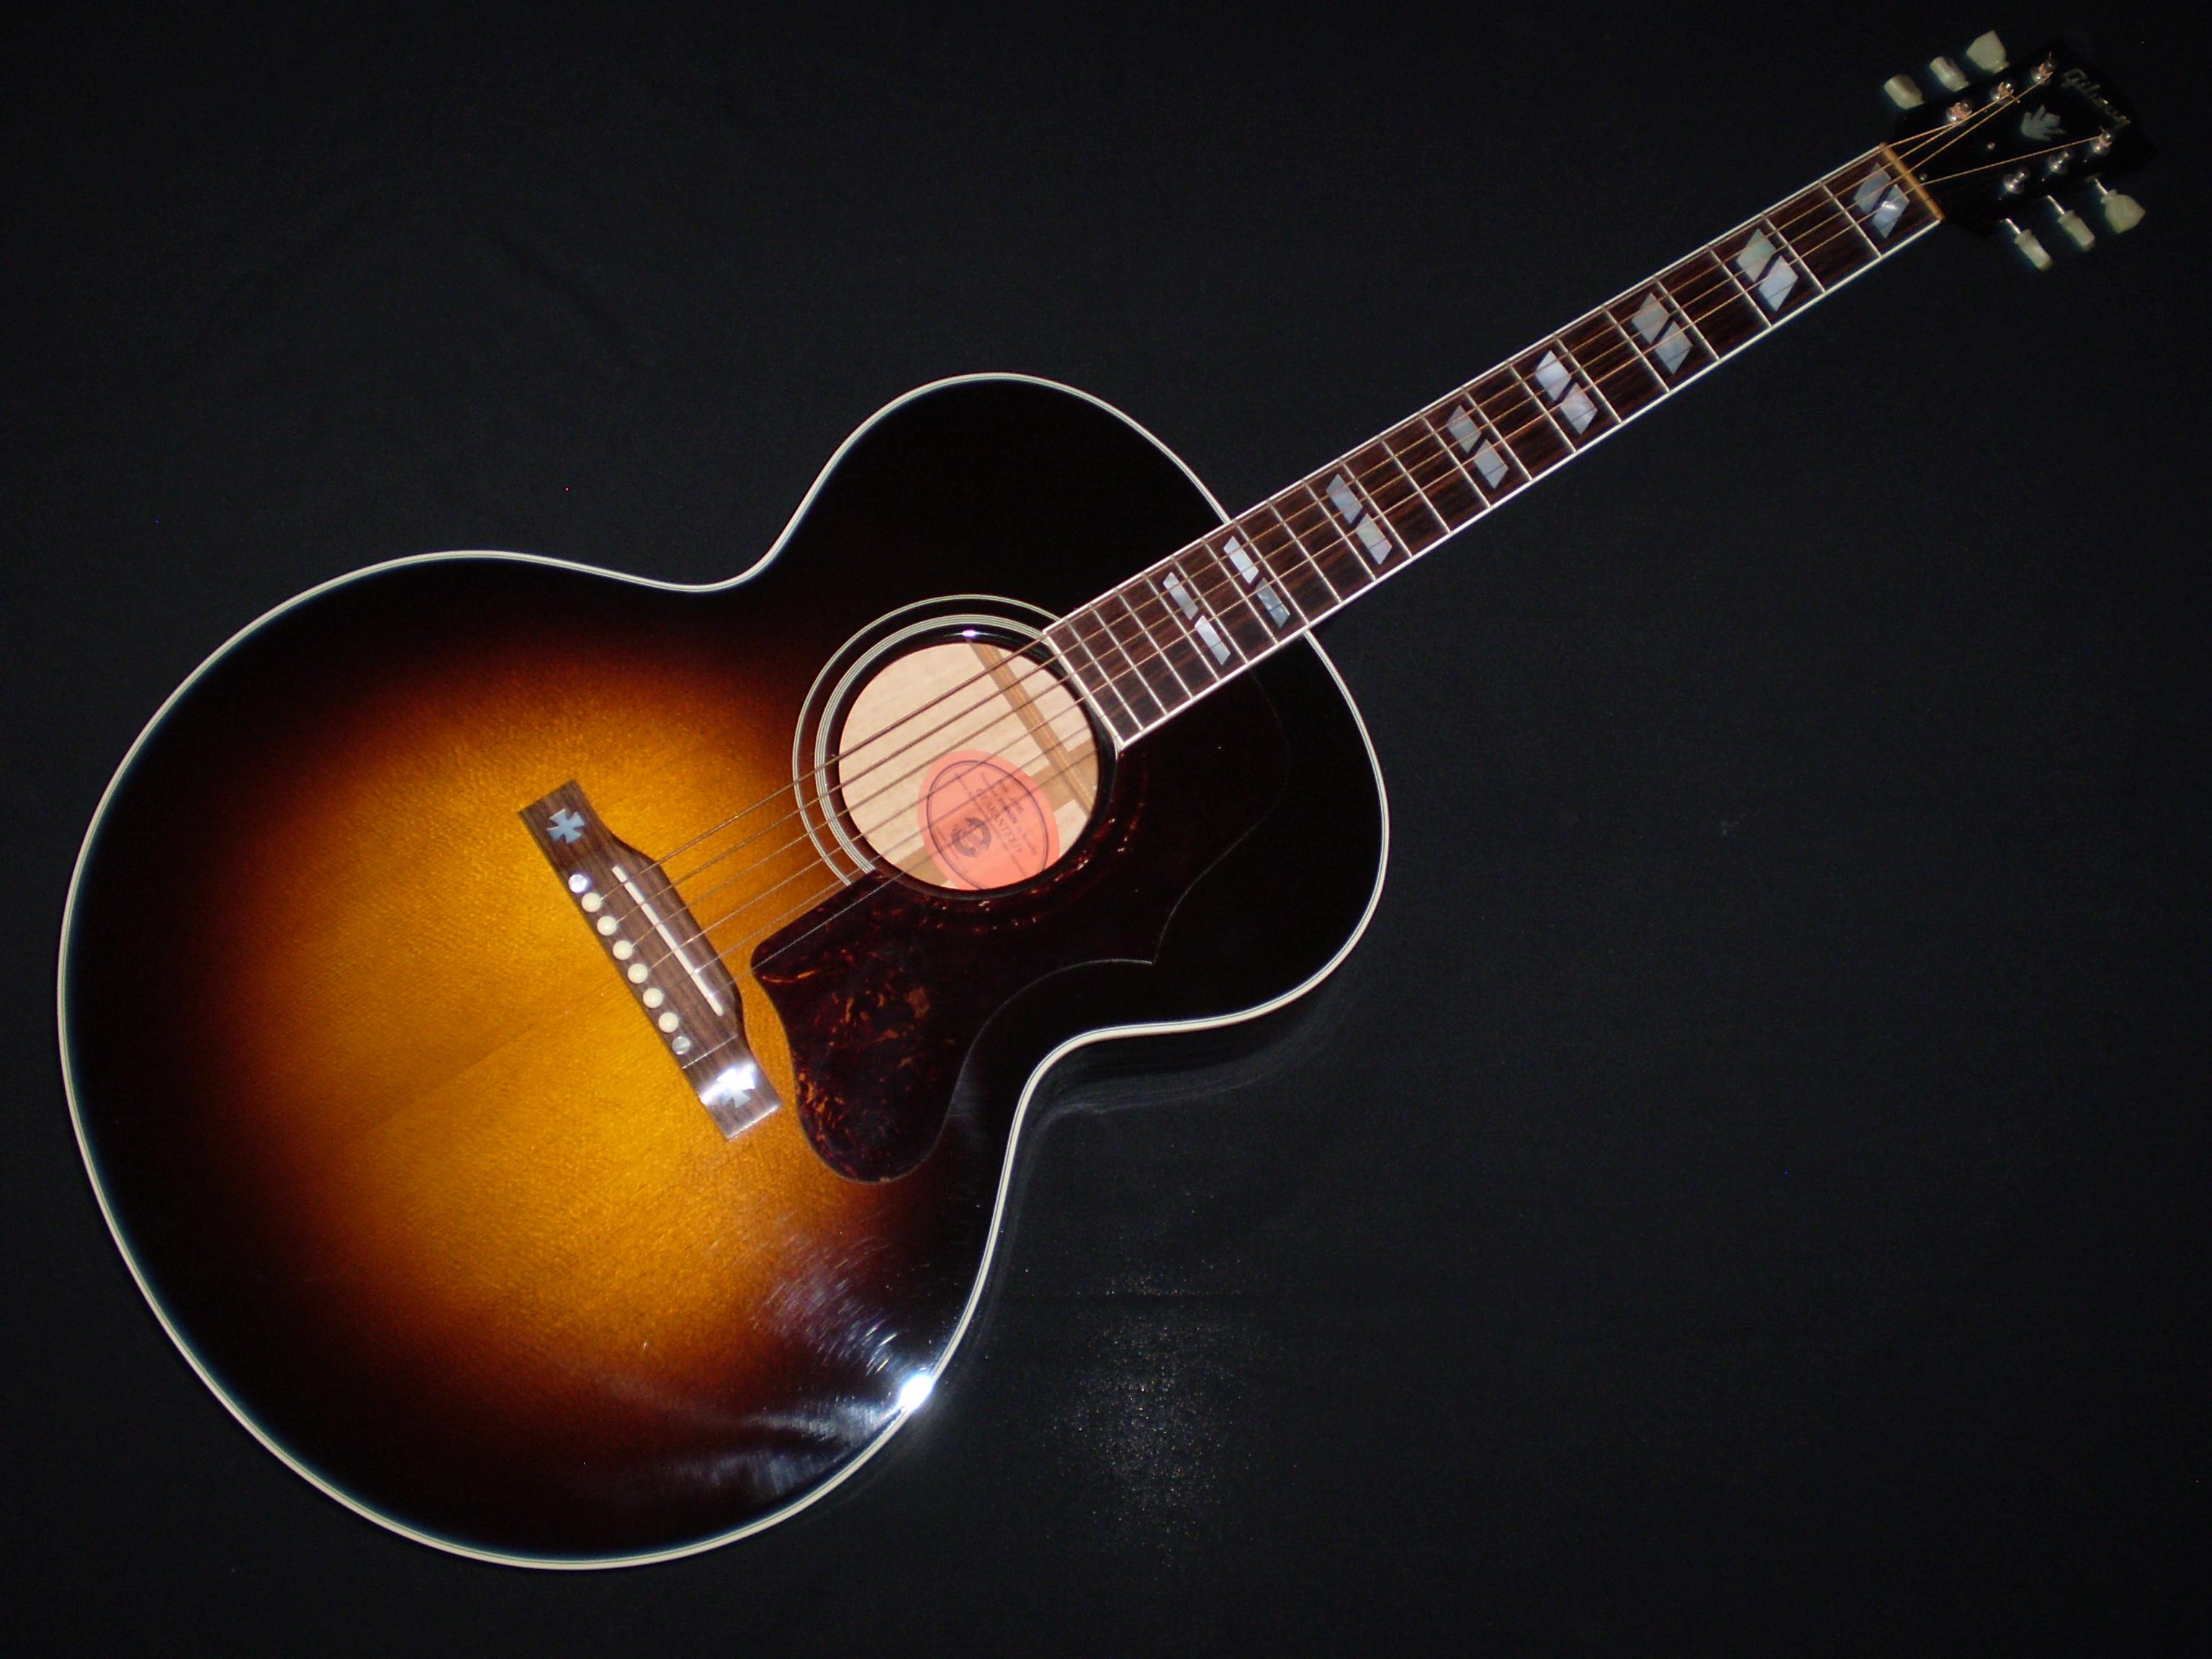 gibson j185 2004 sunburst guitar for sale glenns guitars. Black Bedroom Furniture Sets. Home Design Ideas